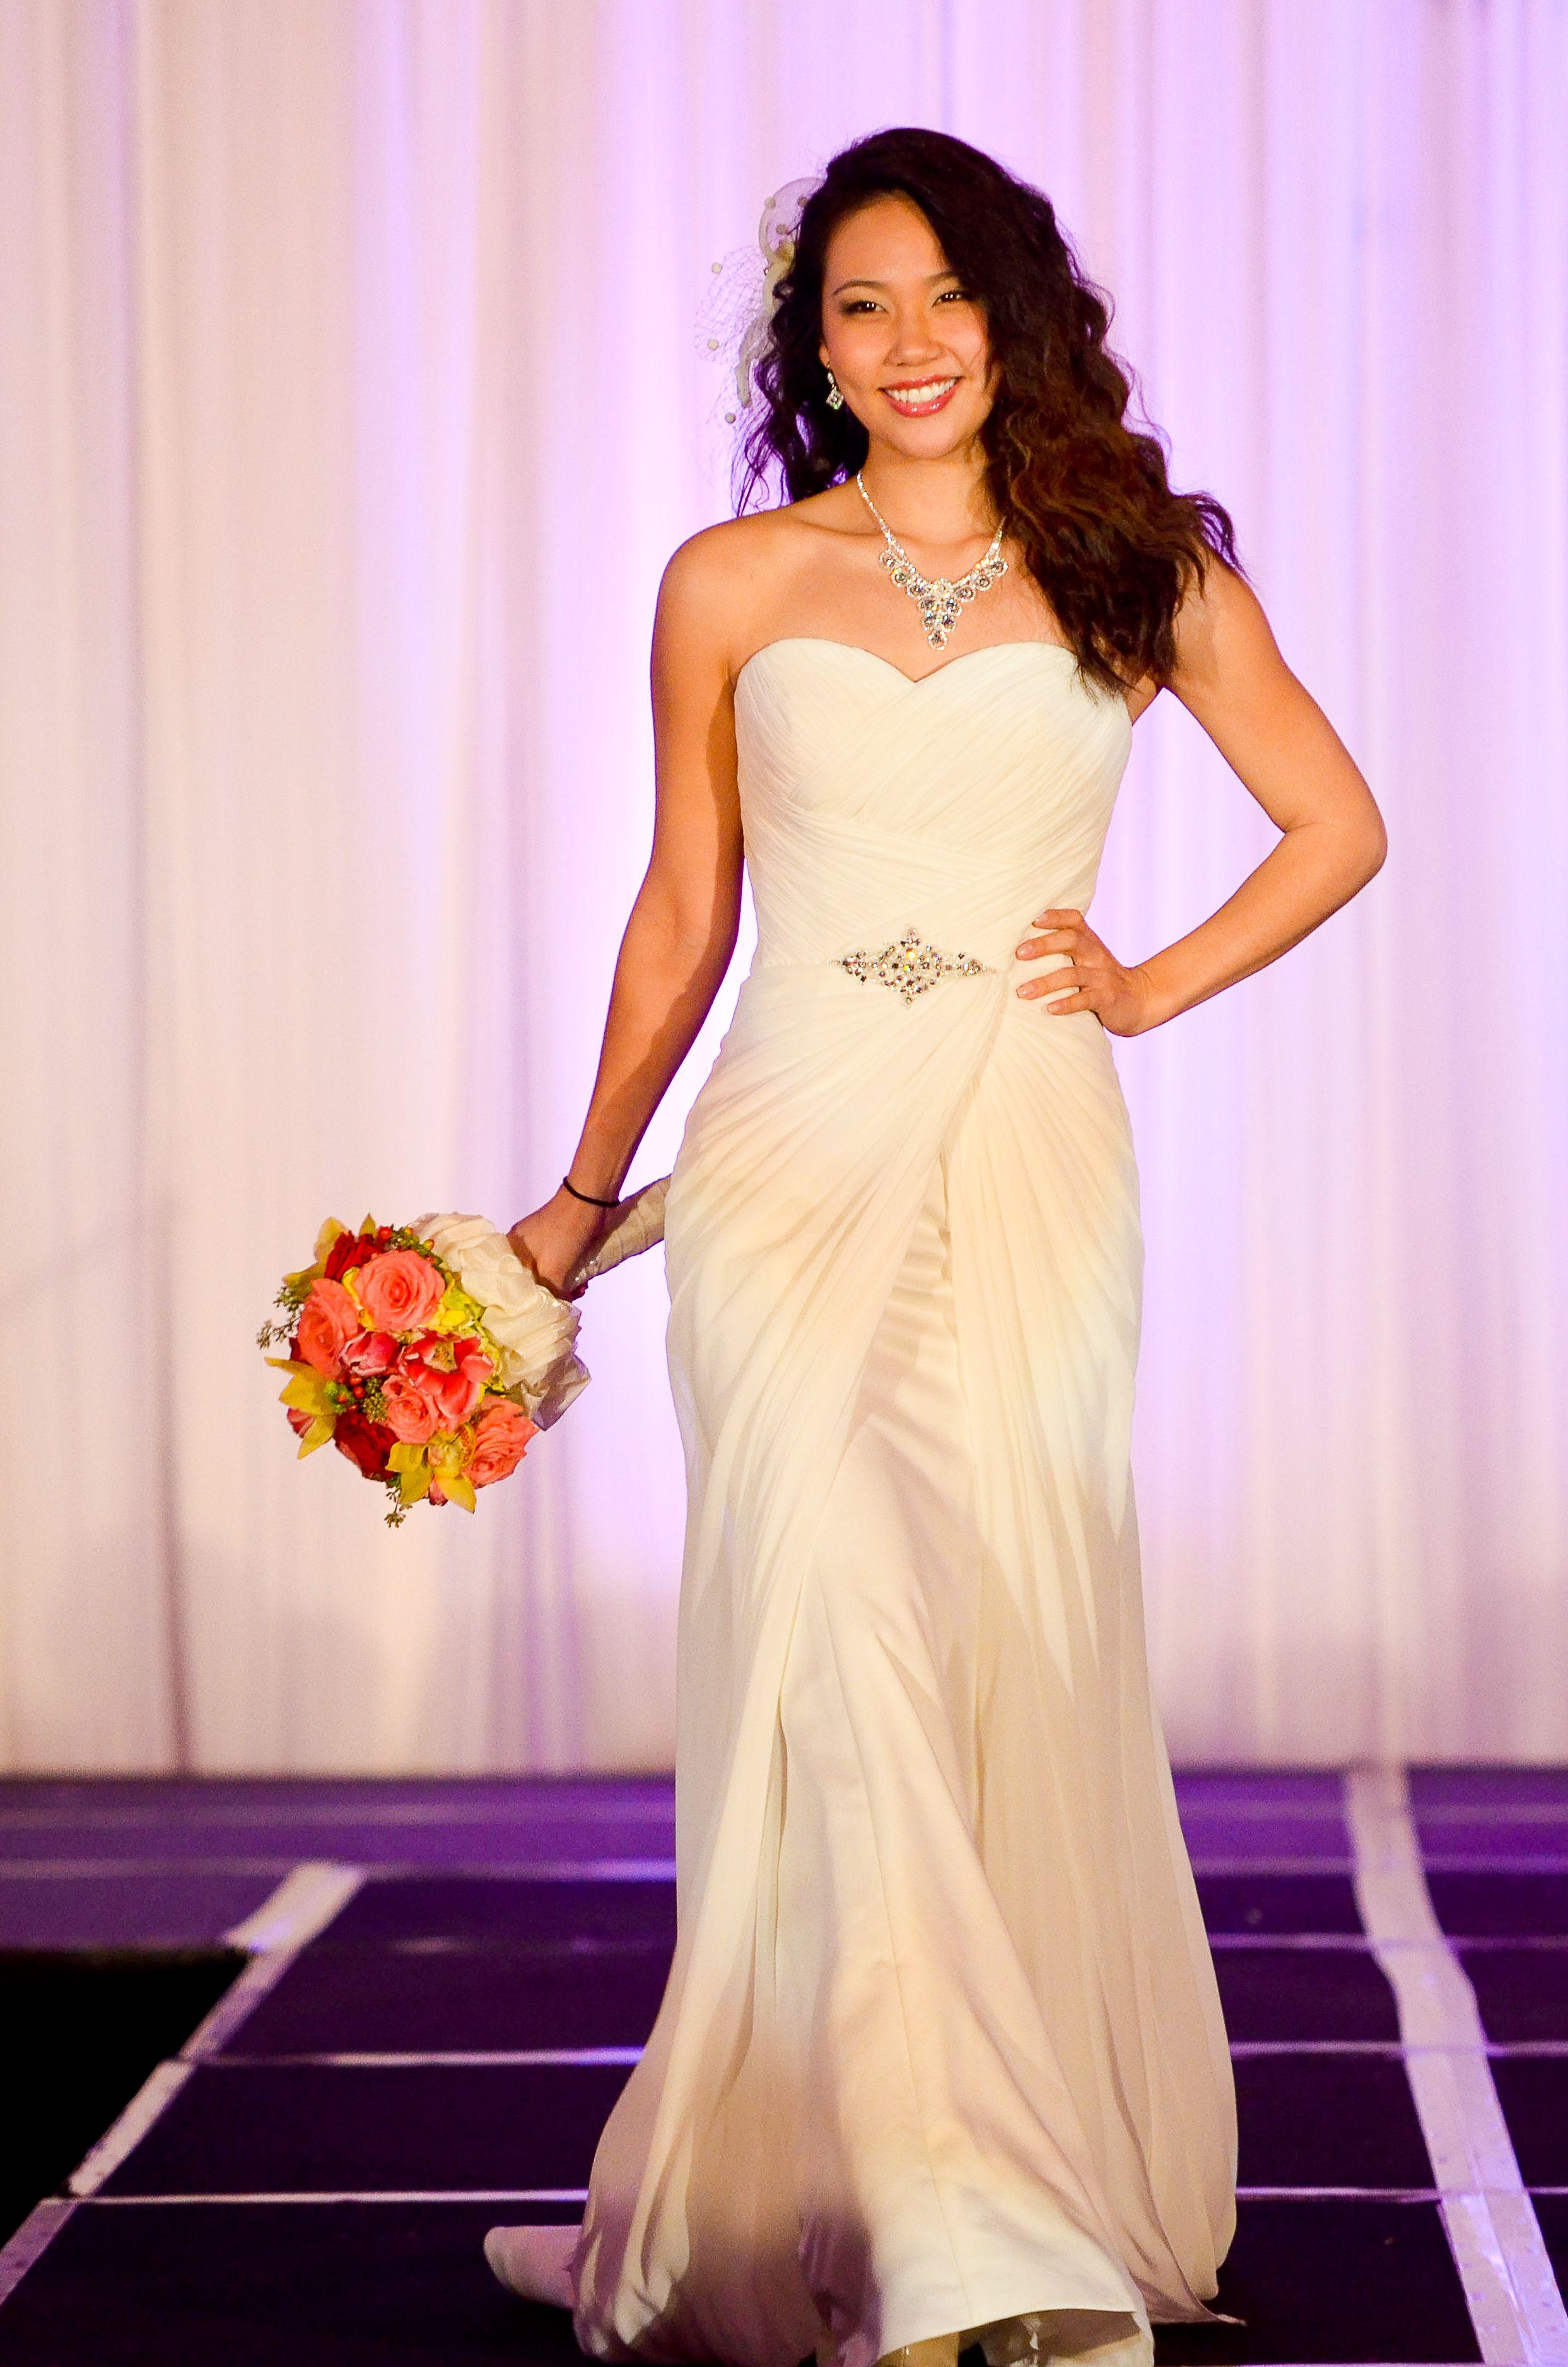 Bonito Chaquetilla Blanca Para El Vestido De Novia Inspiración ...